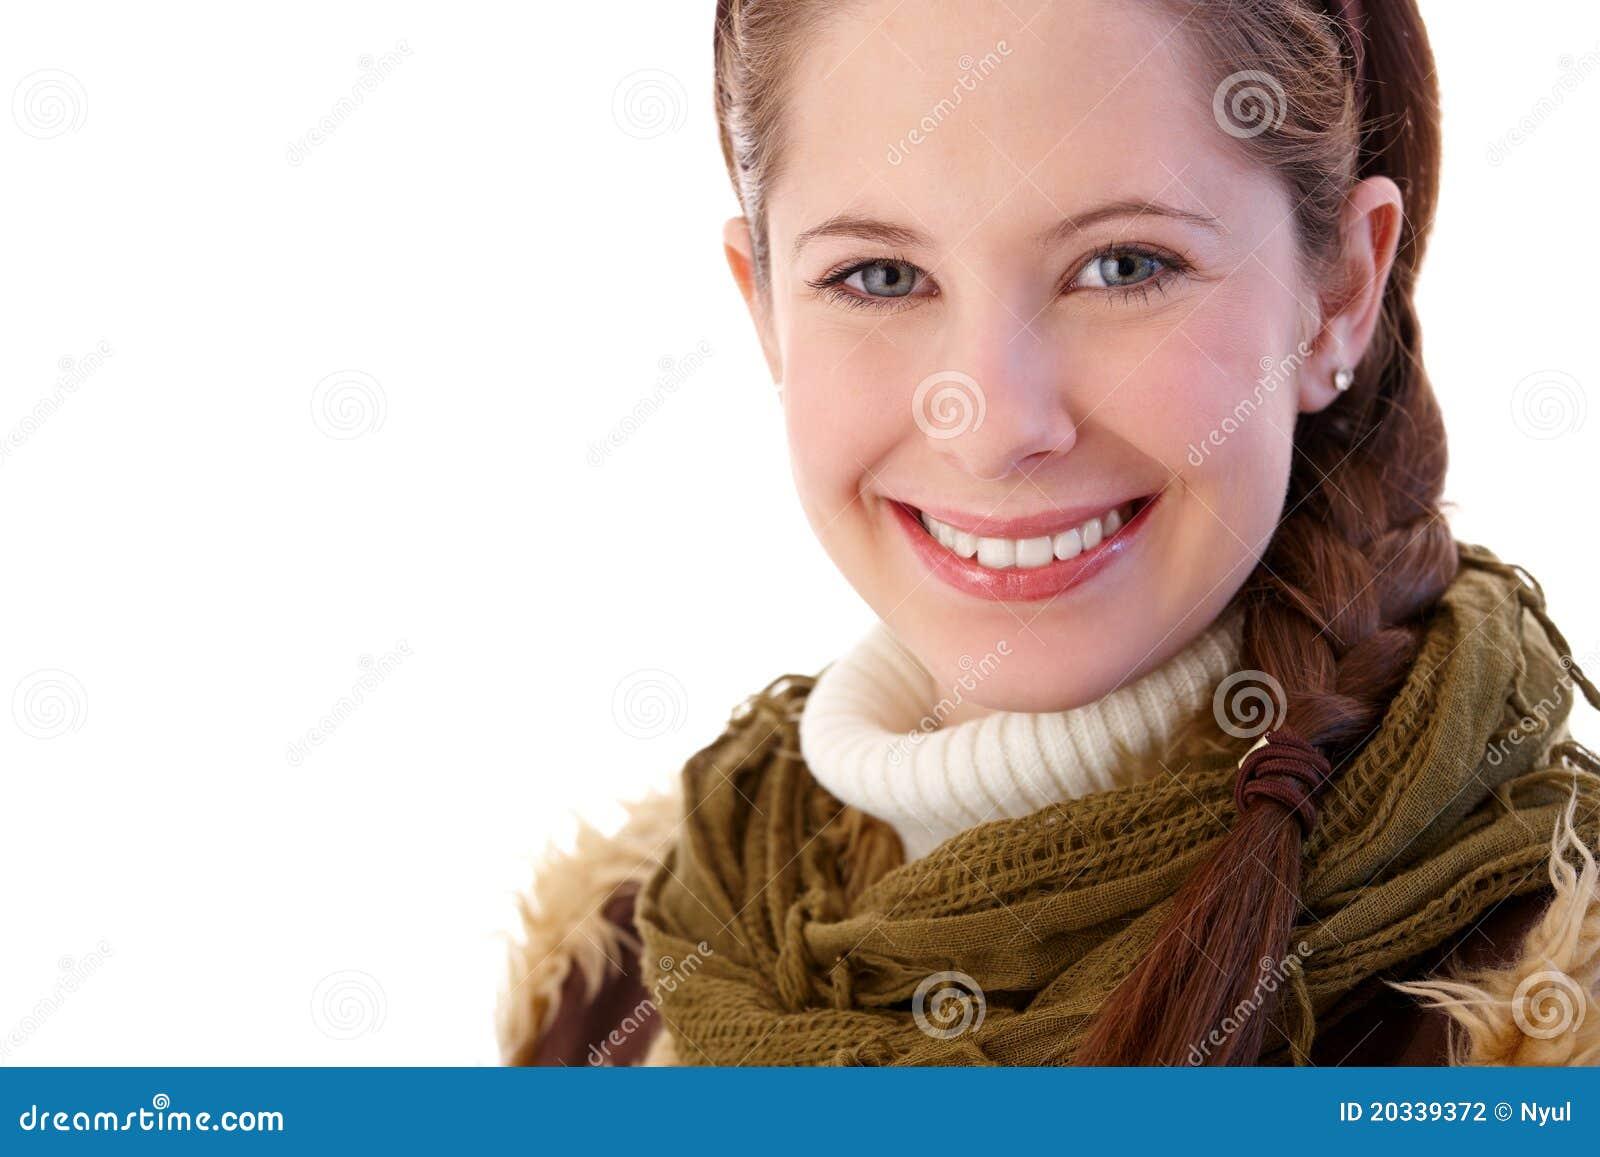 Portrait des hübschen Mädchens